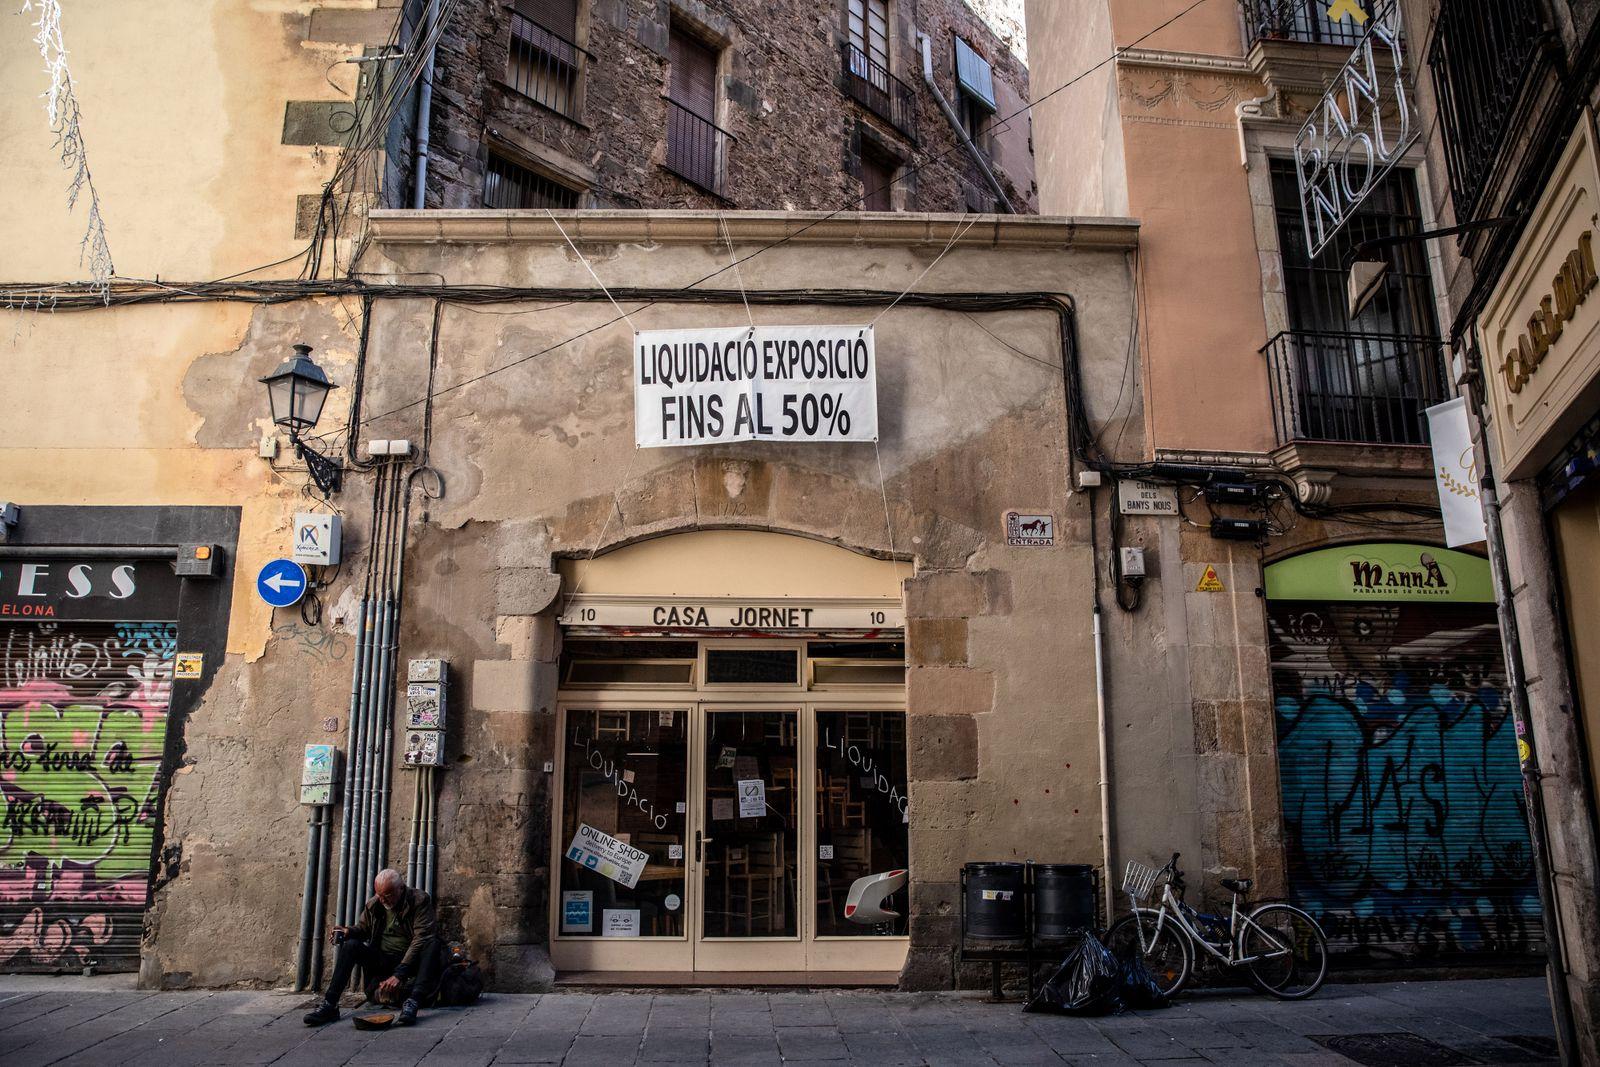 Spain's Economic Downturn Persists Amid European Virus Woes